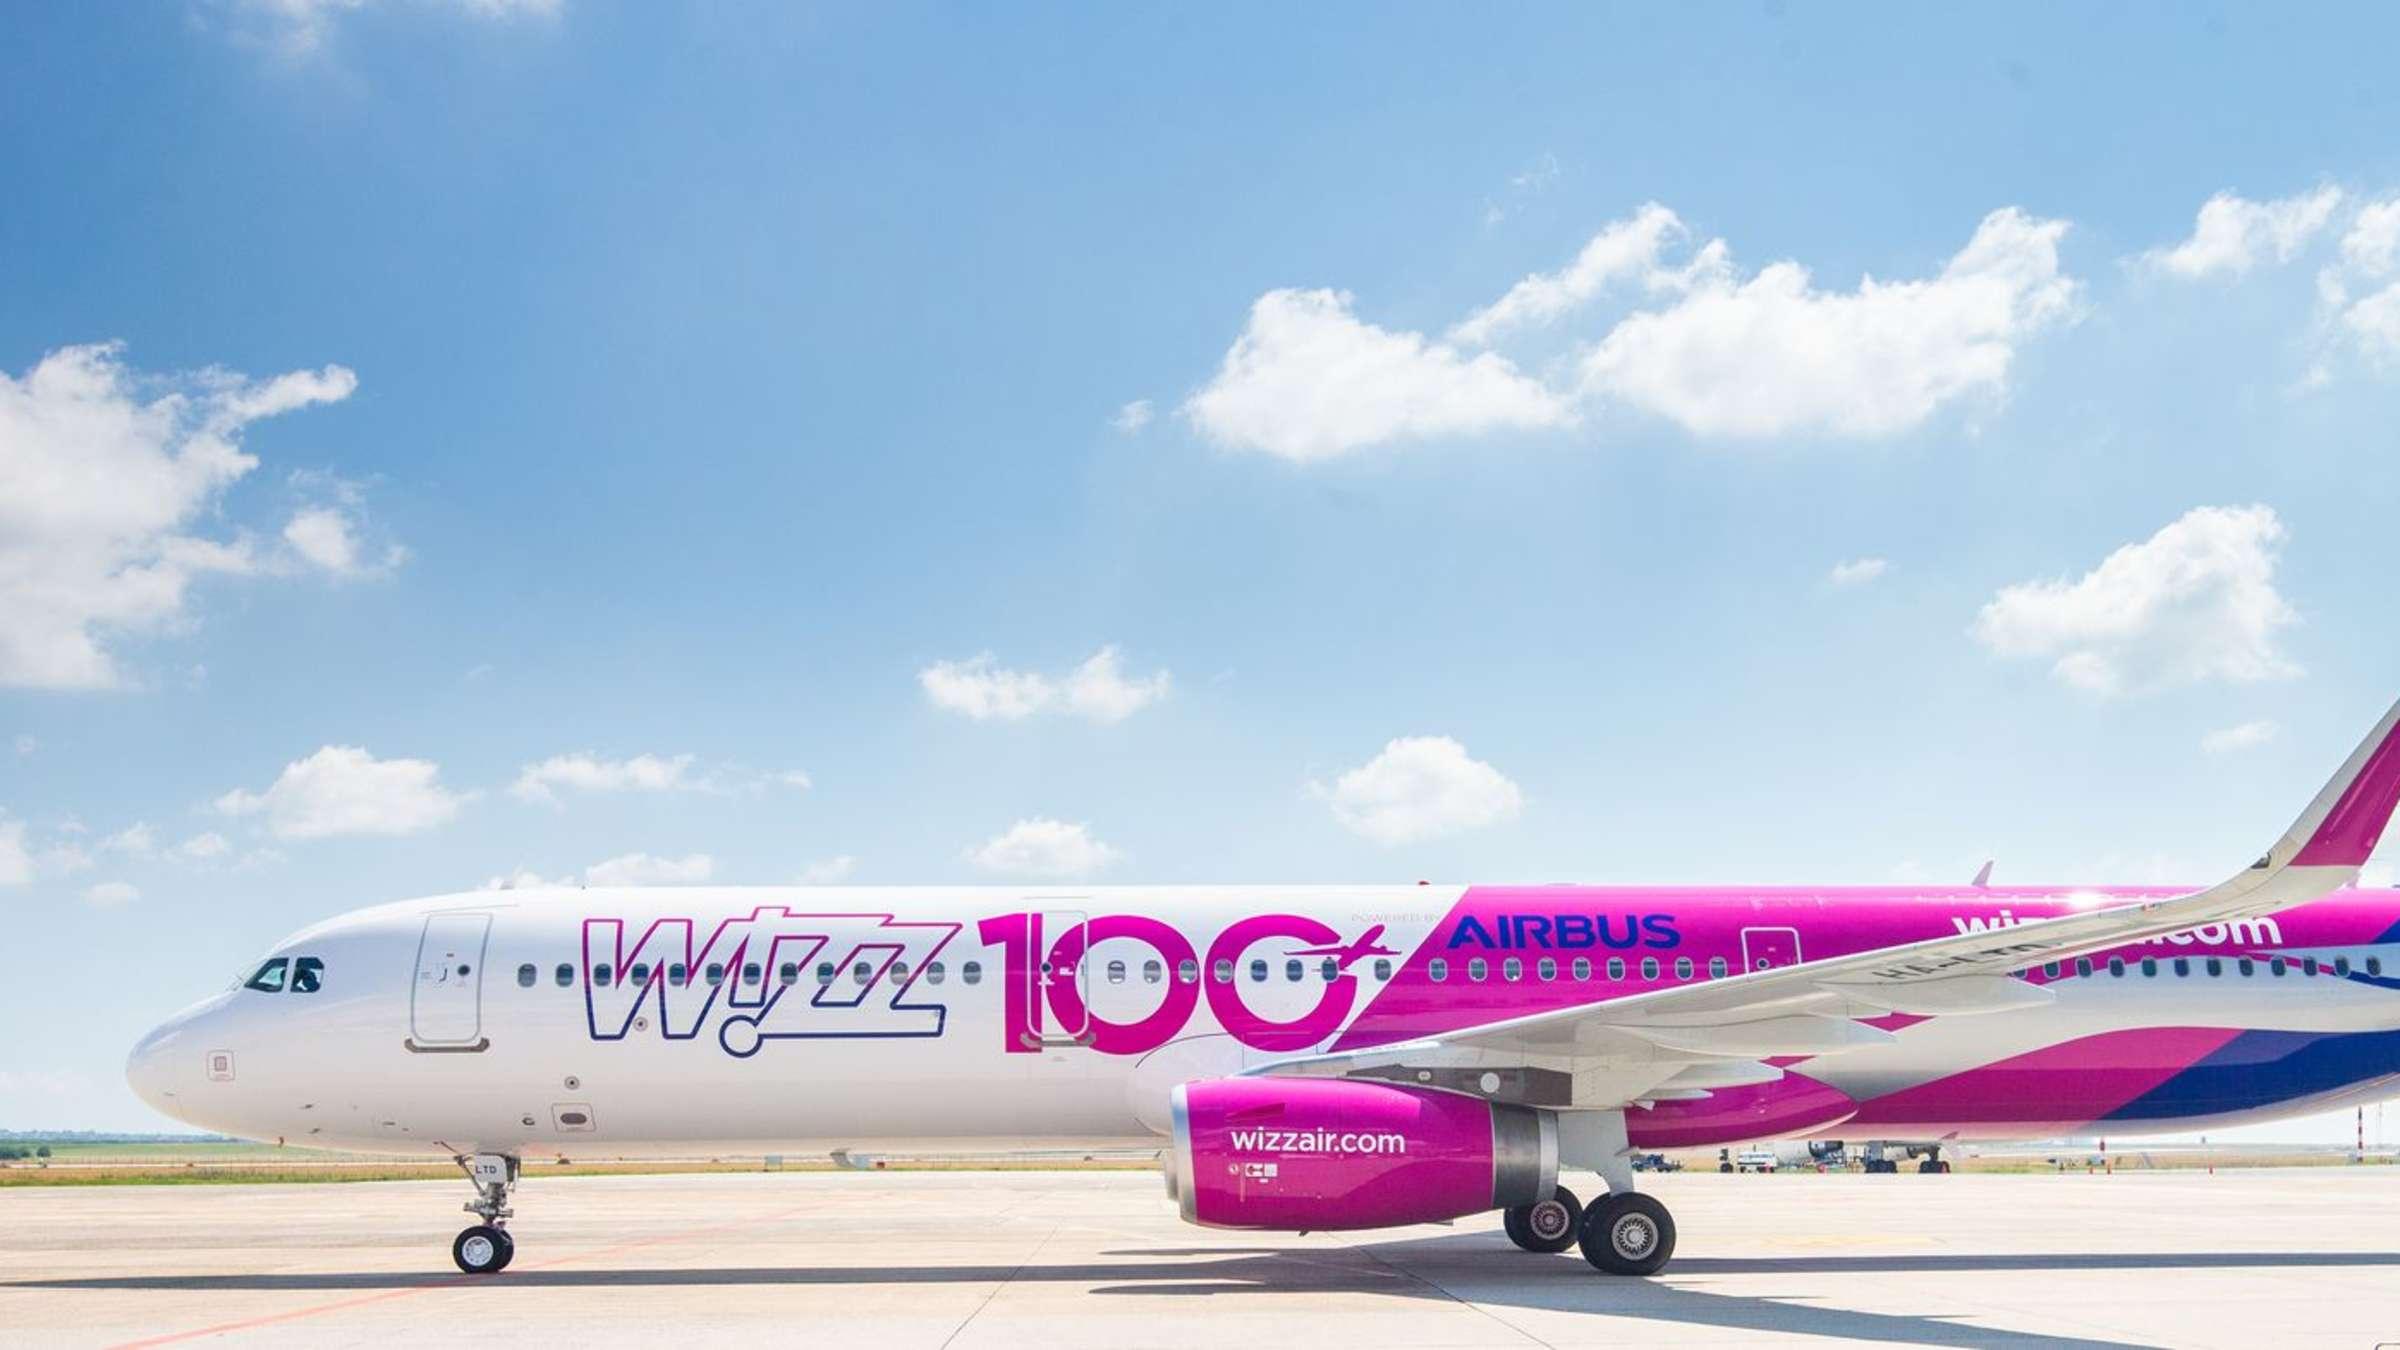 Flughafen Bremen Wizz Air Fliegt Funf Mal Pro Woche Nach Wien Bremen